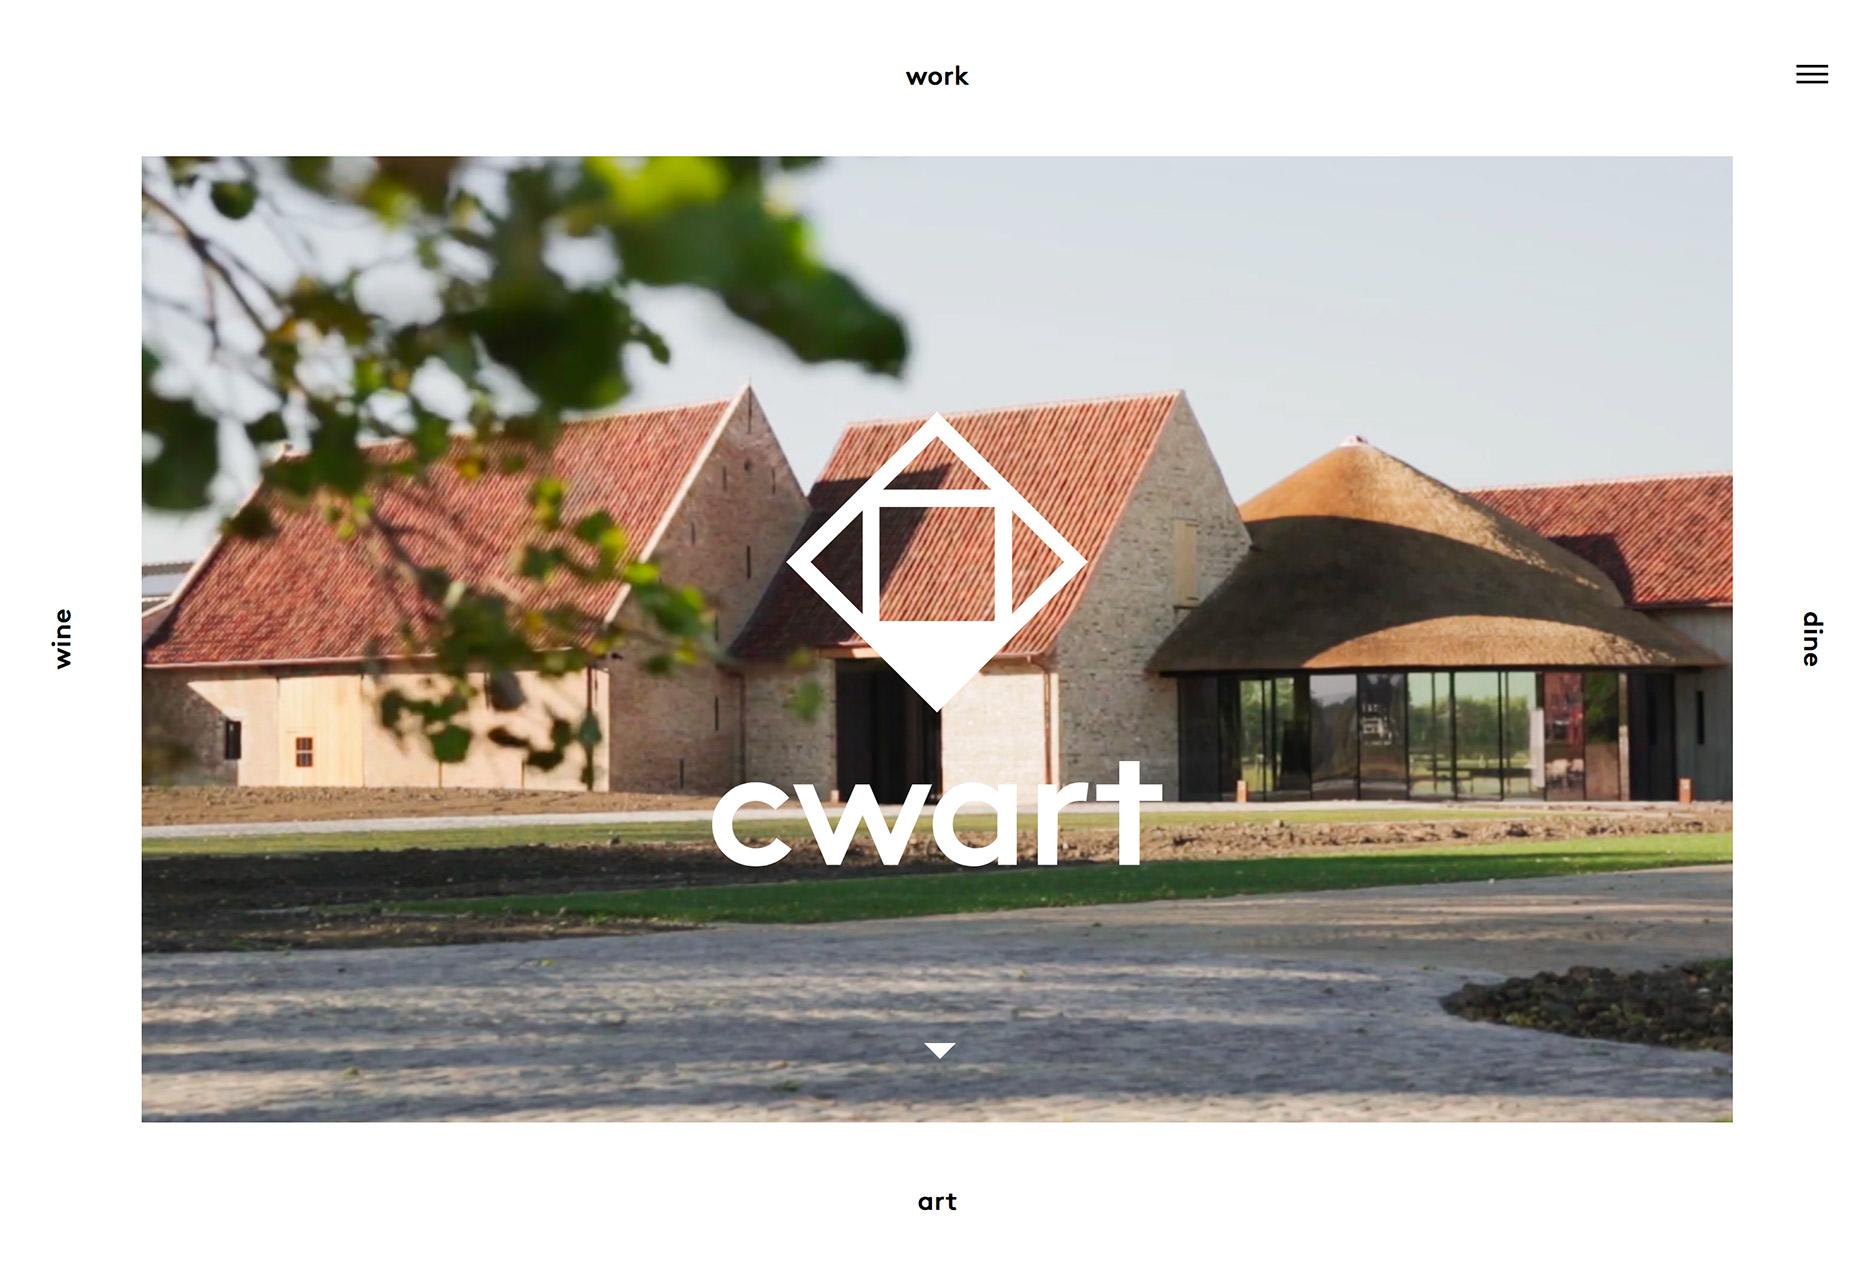 cwart